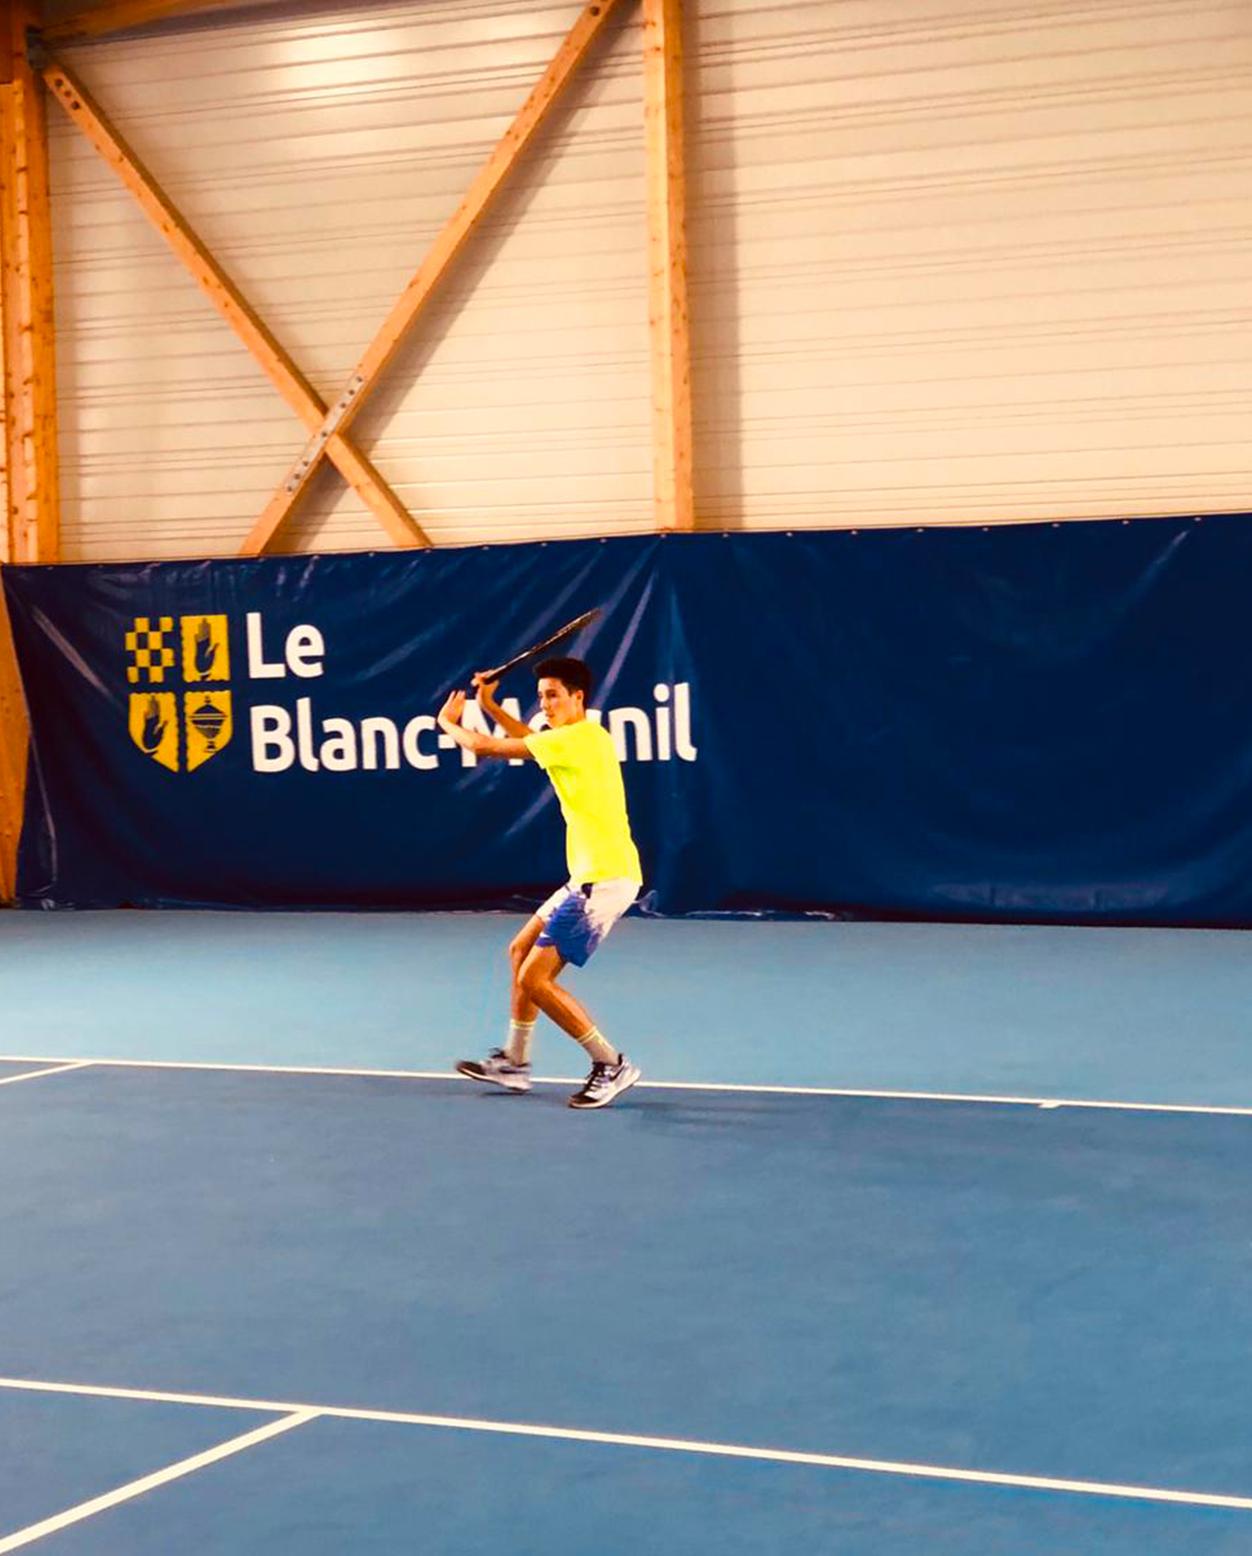 https://www.team-bms-tennis.fr/wp-content/uploads/2020/10/AxelLeduc.jpg